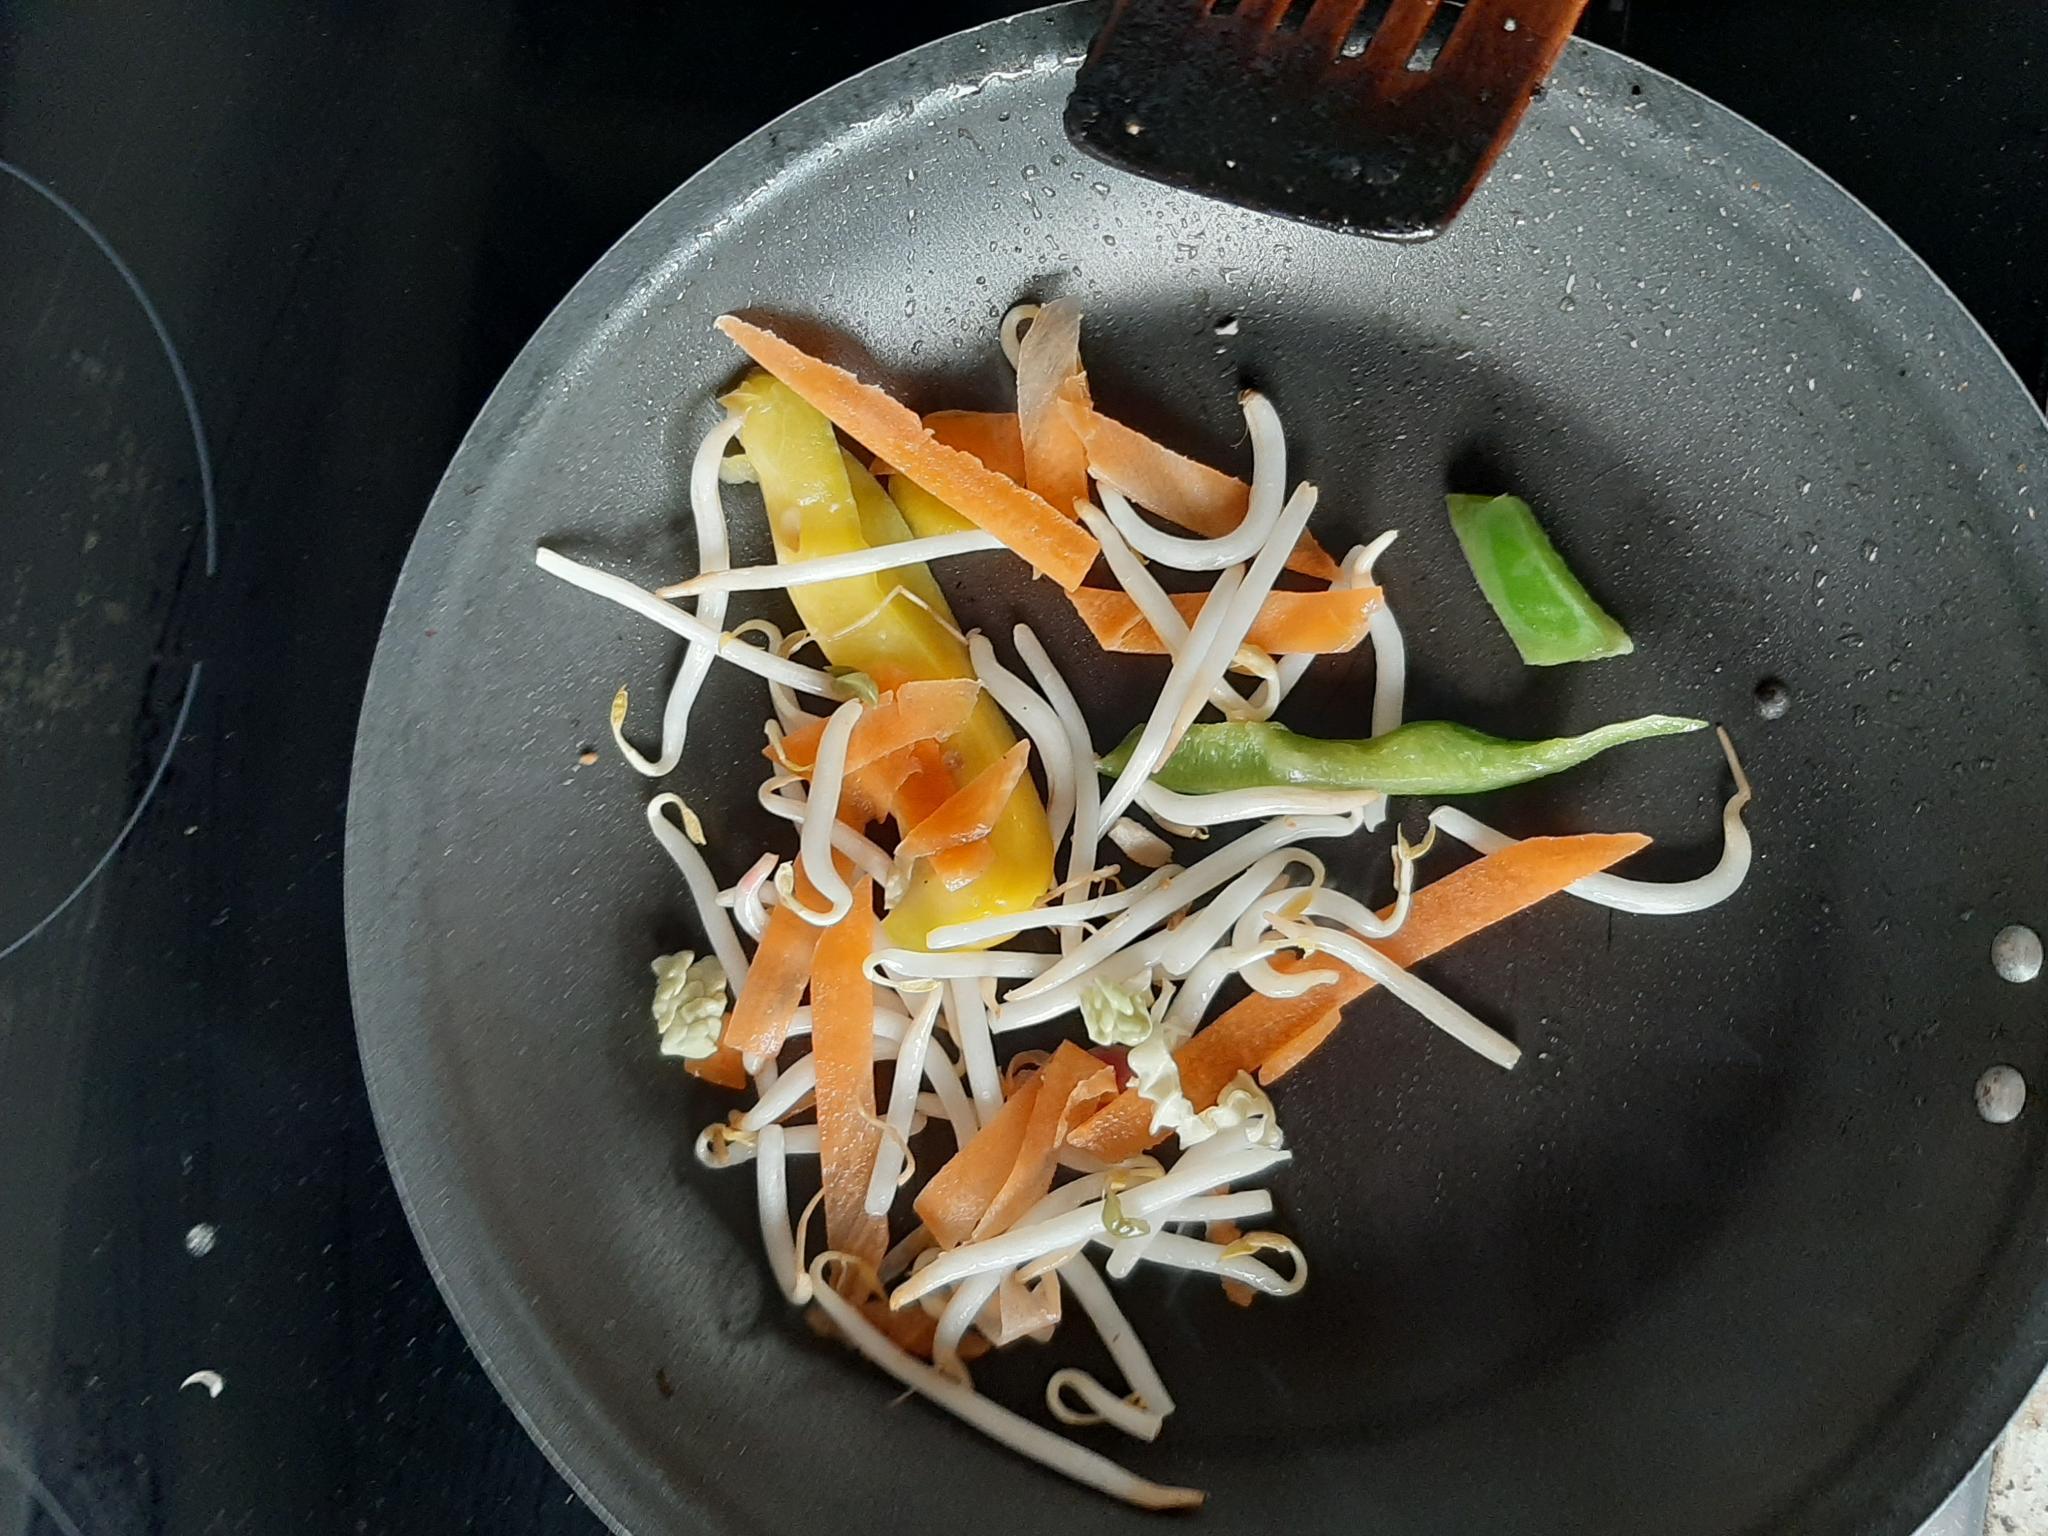 Prawn Hoisin & Plum Egg Noodles With Side Salad-20200610_173124-jpg